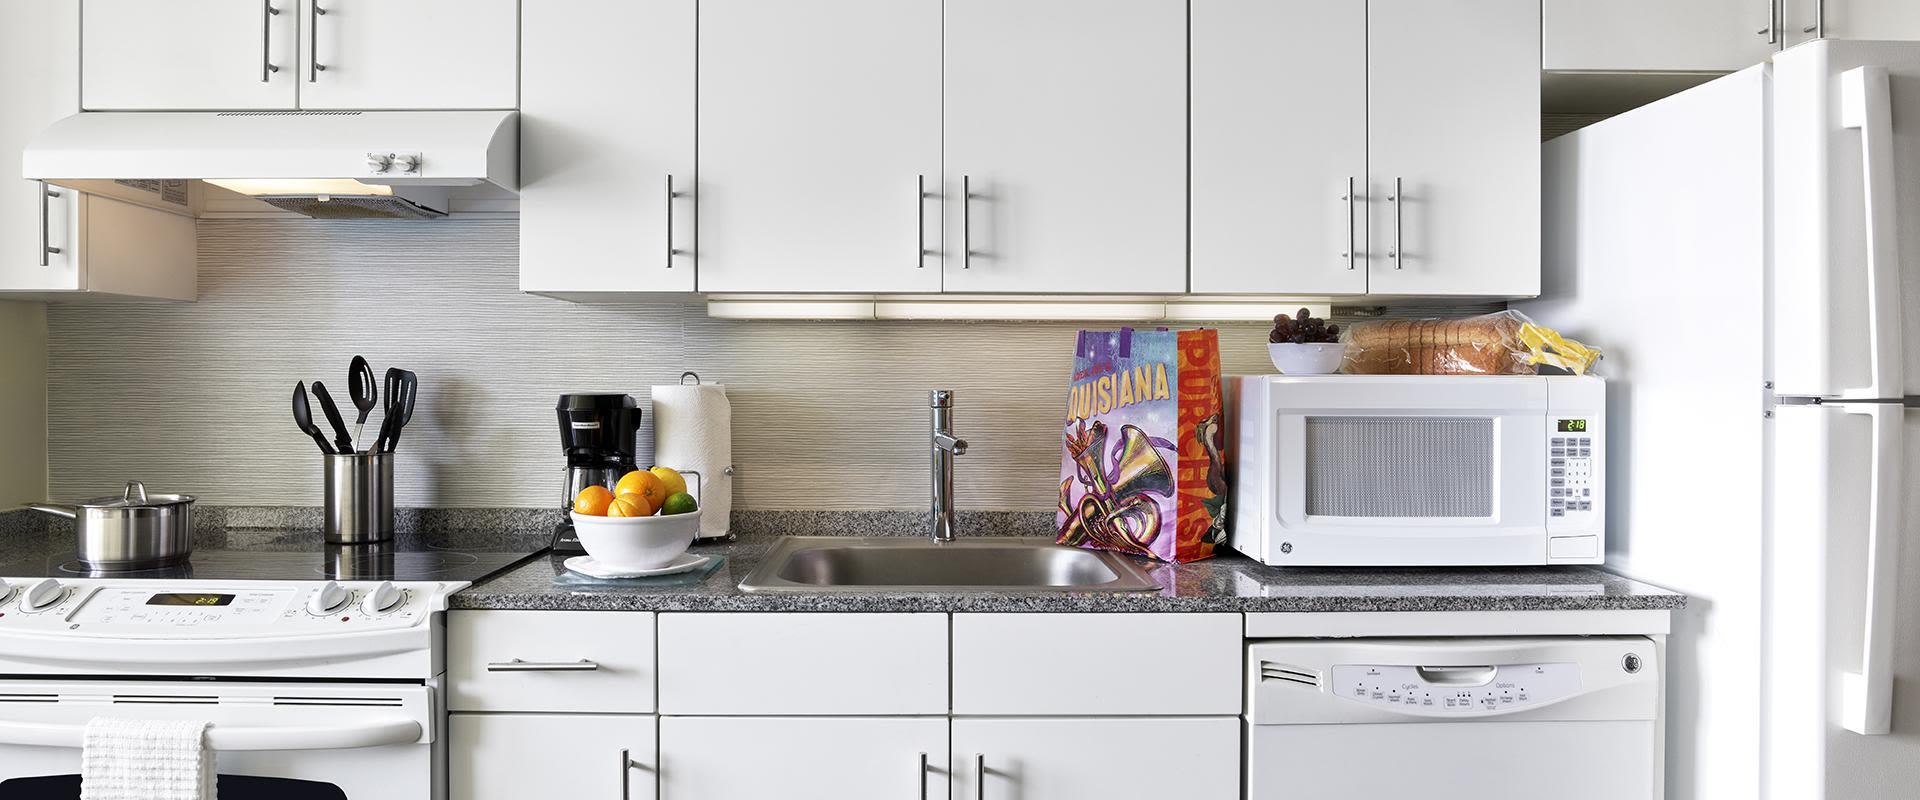 New Orleans ES kitchen